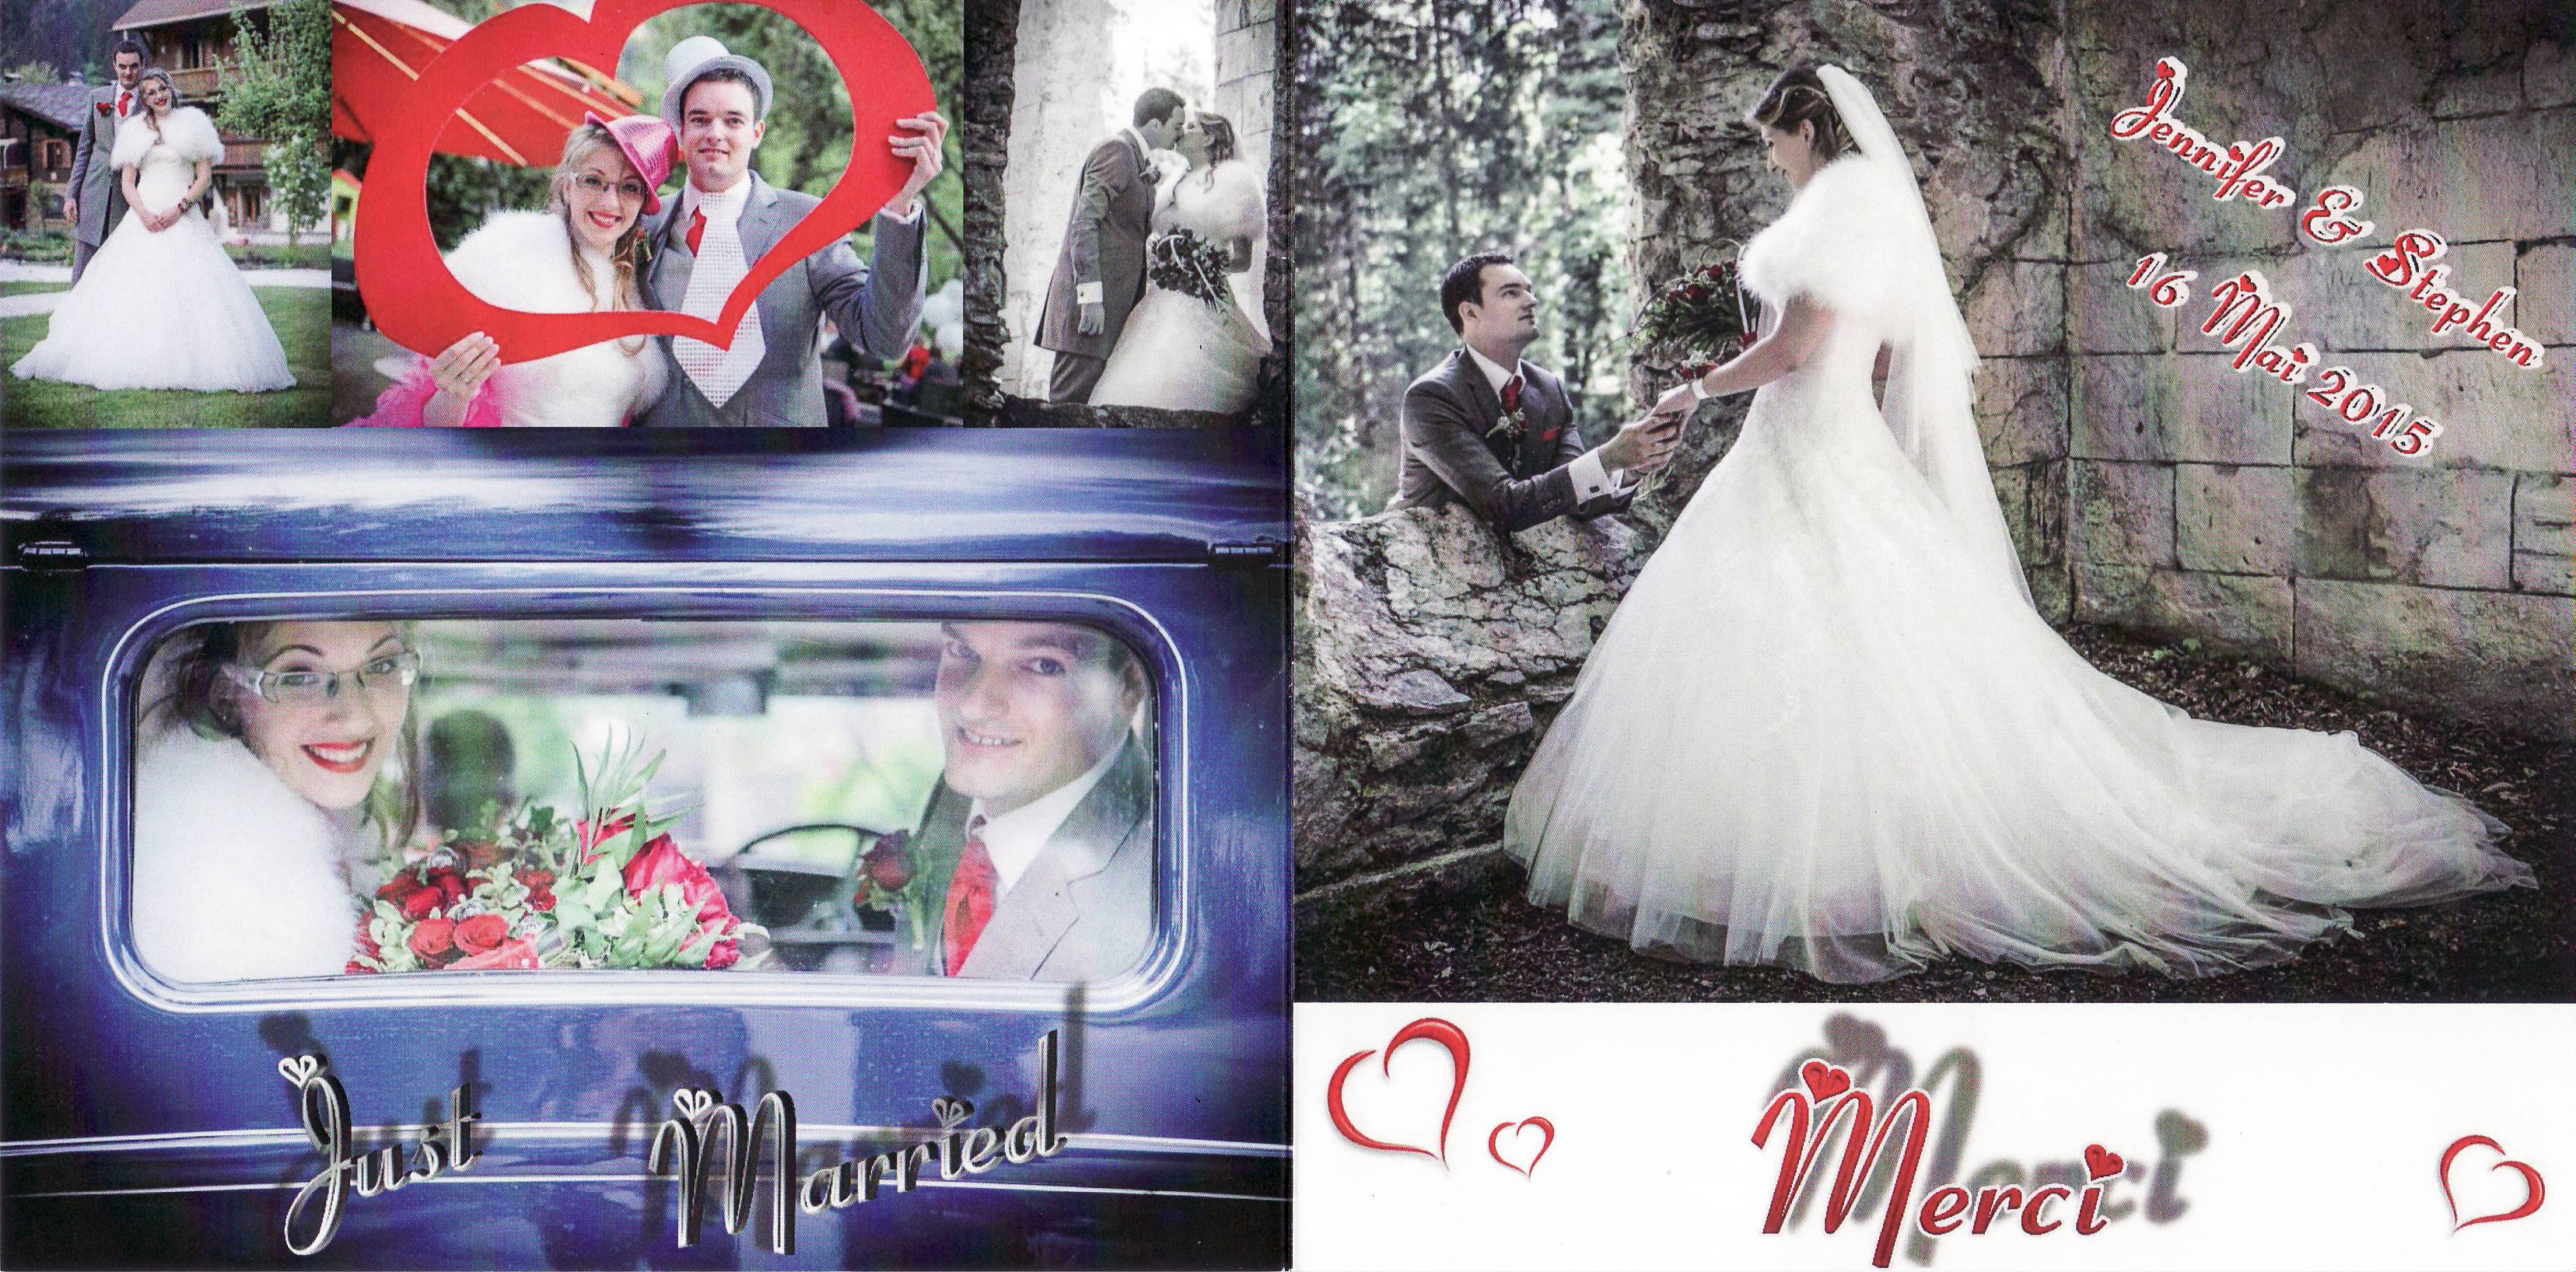 Mariage JOUBERT Stephen & Jennifer (Chamonix) (16-05-2015) 2.JPG